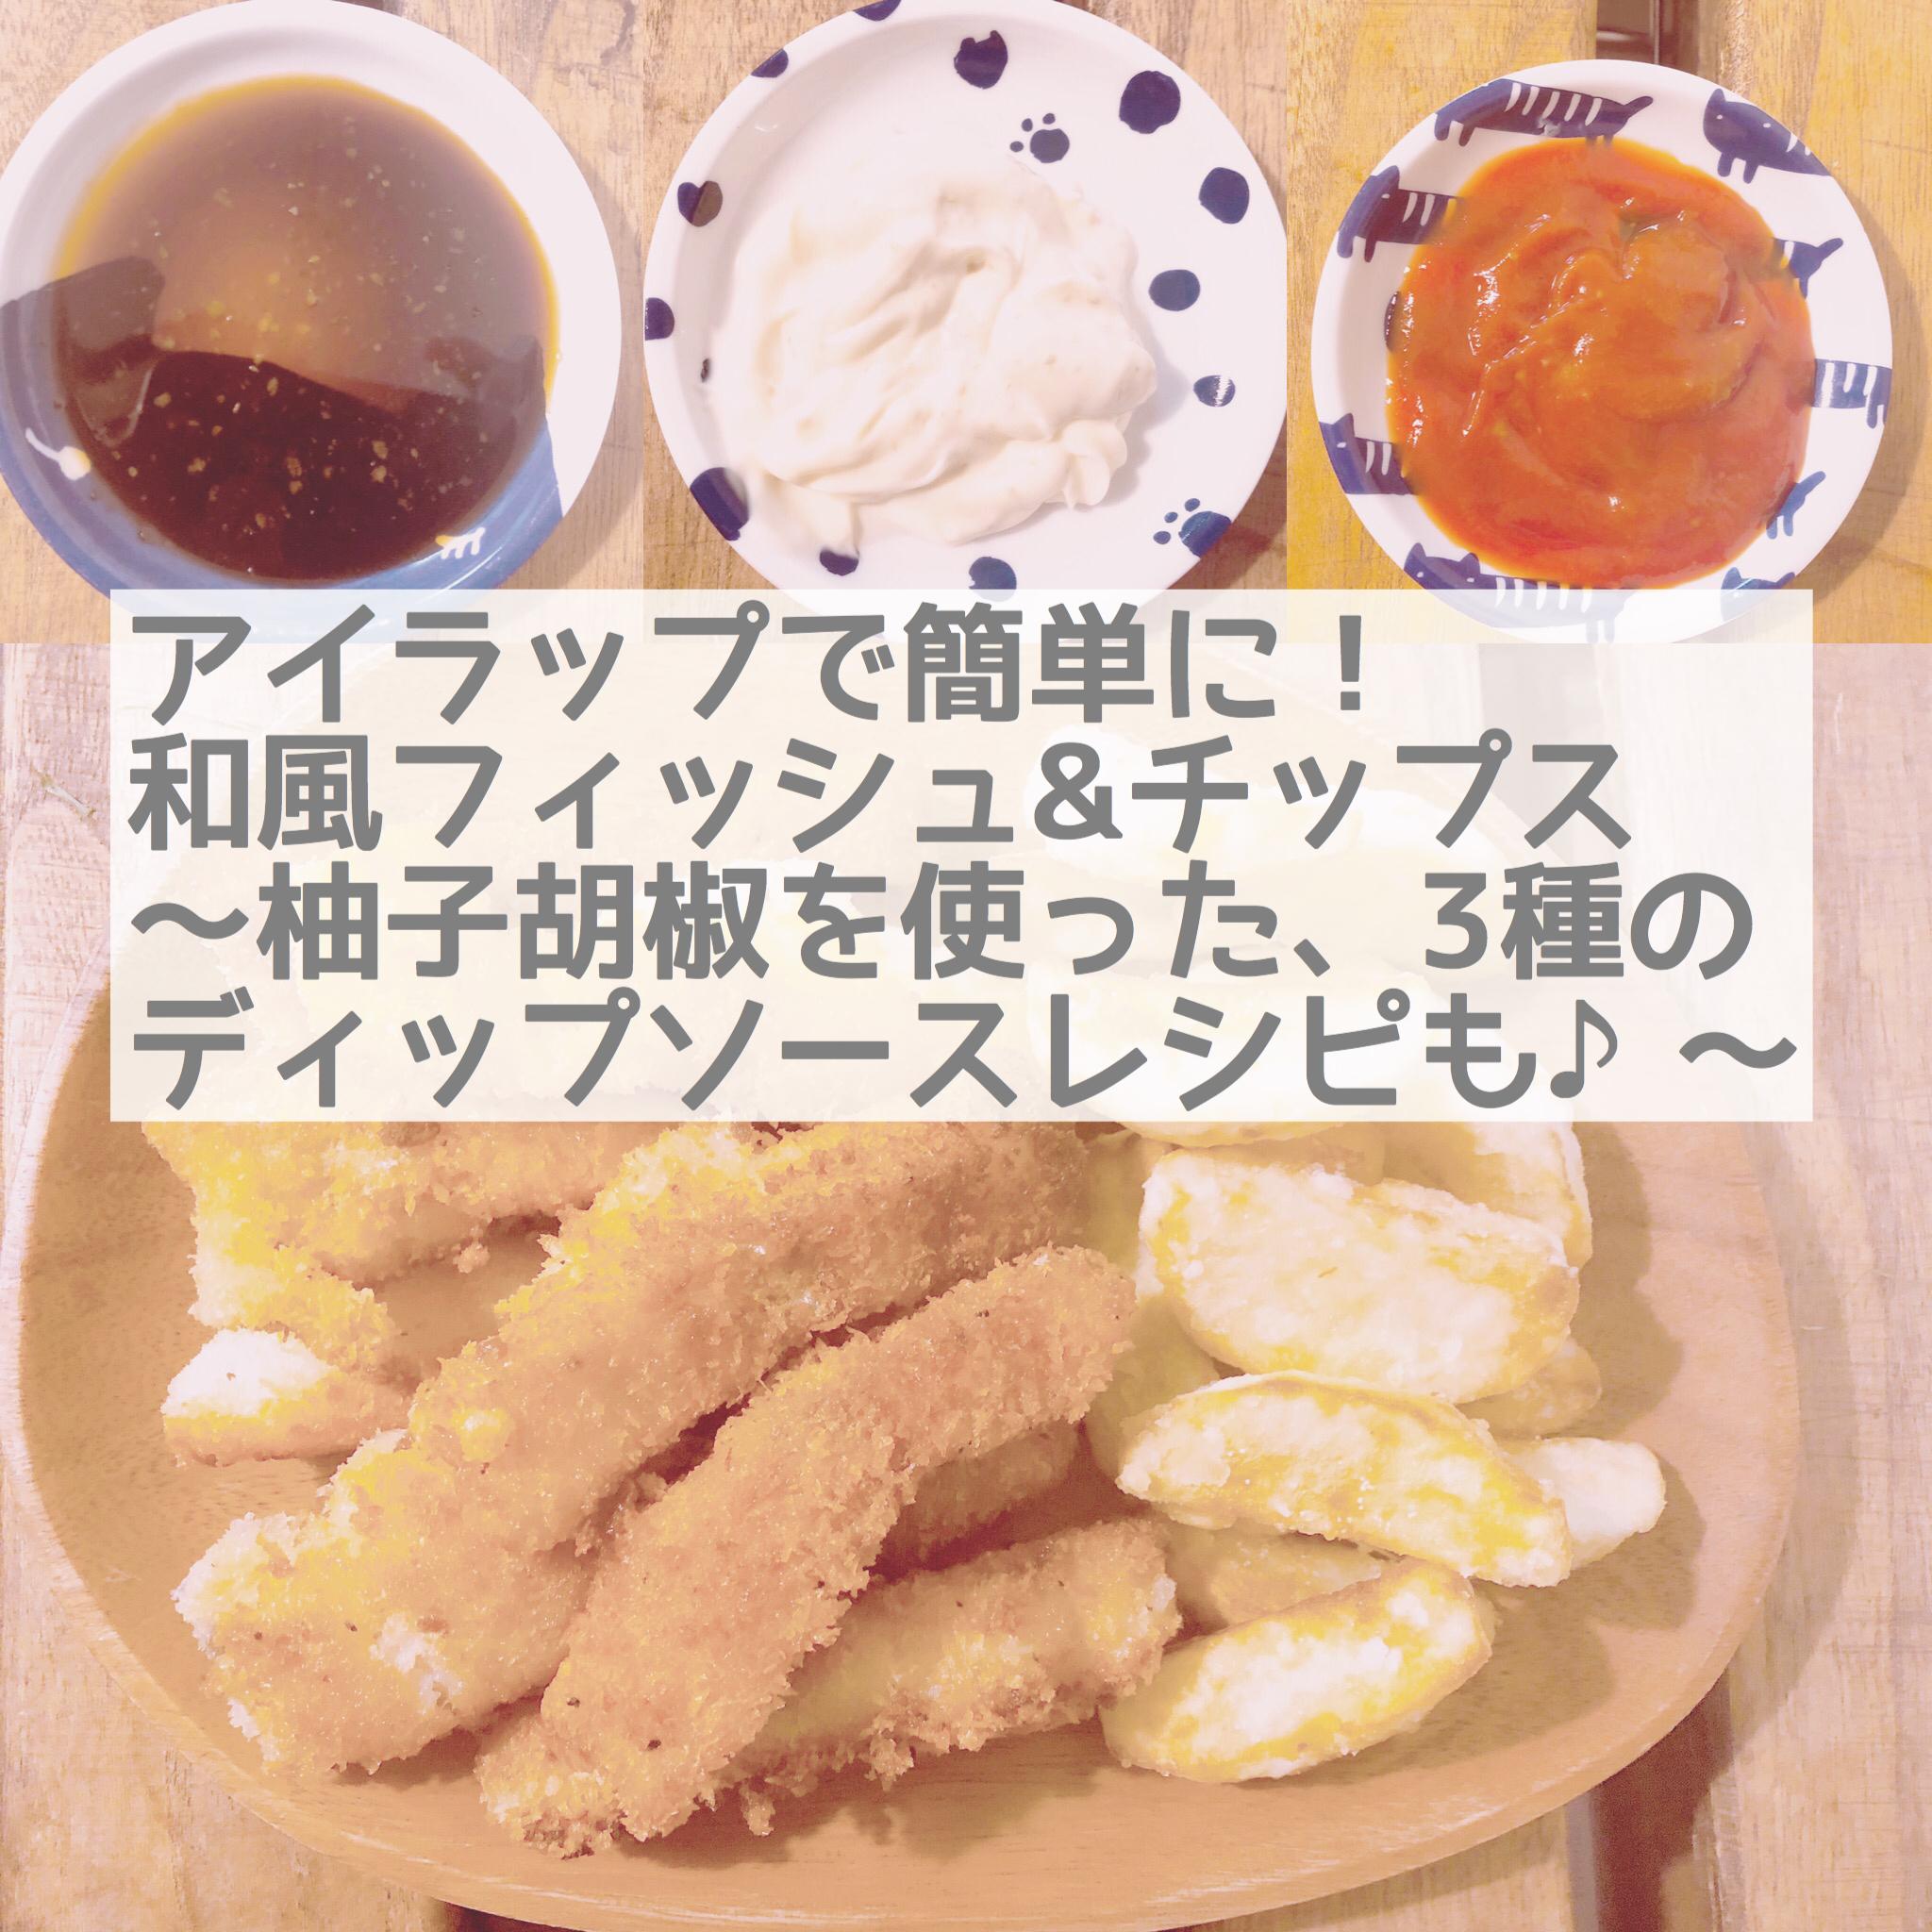 アイラップを使って簡単にできる!和風フィッシュ&チップス~柚子胡椒を使った簡単ディップレシピも♪~